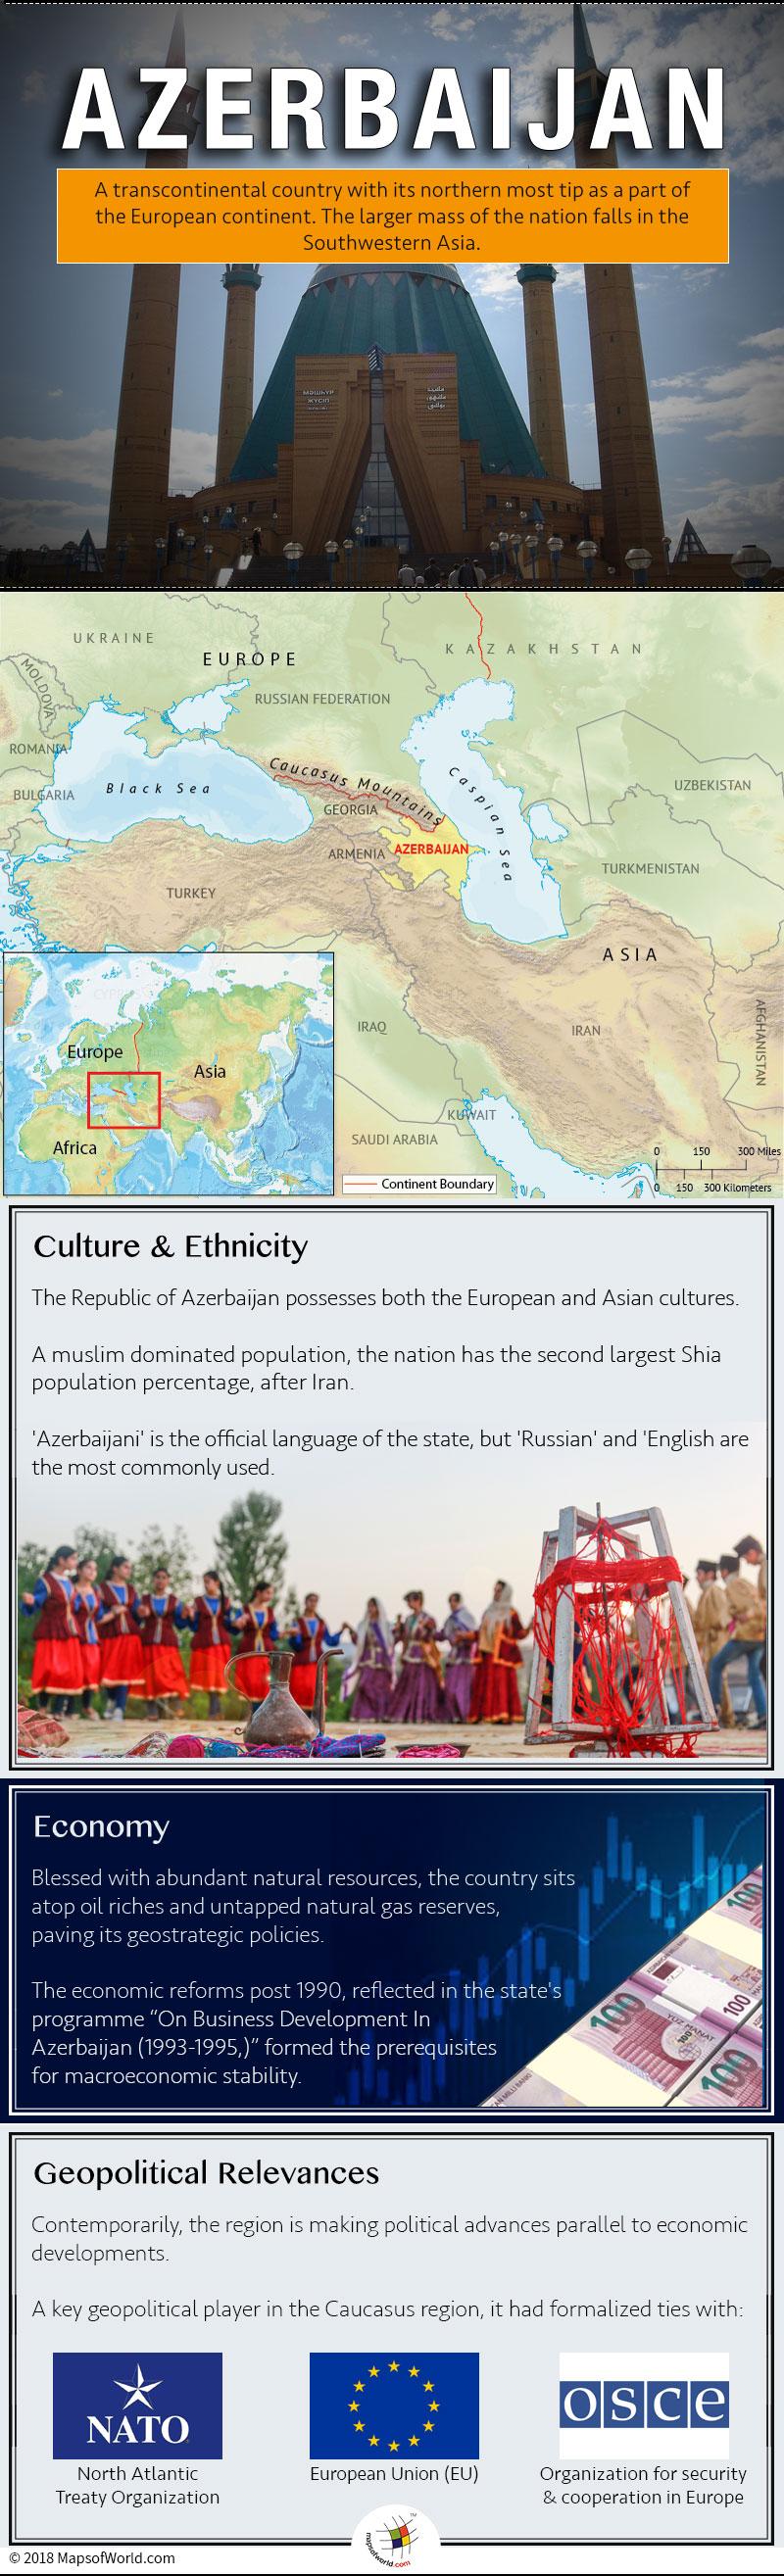 Is Azerbaijan in Europe or Asia?